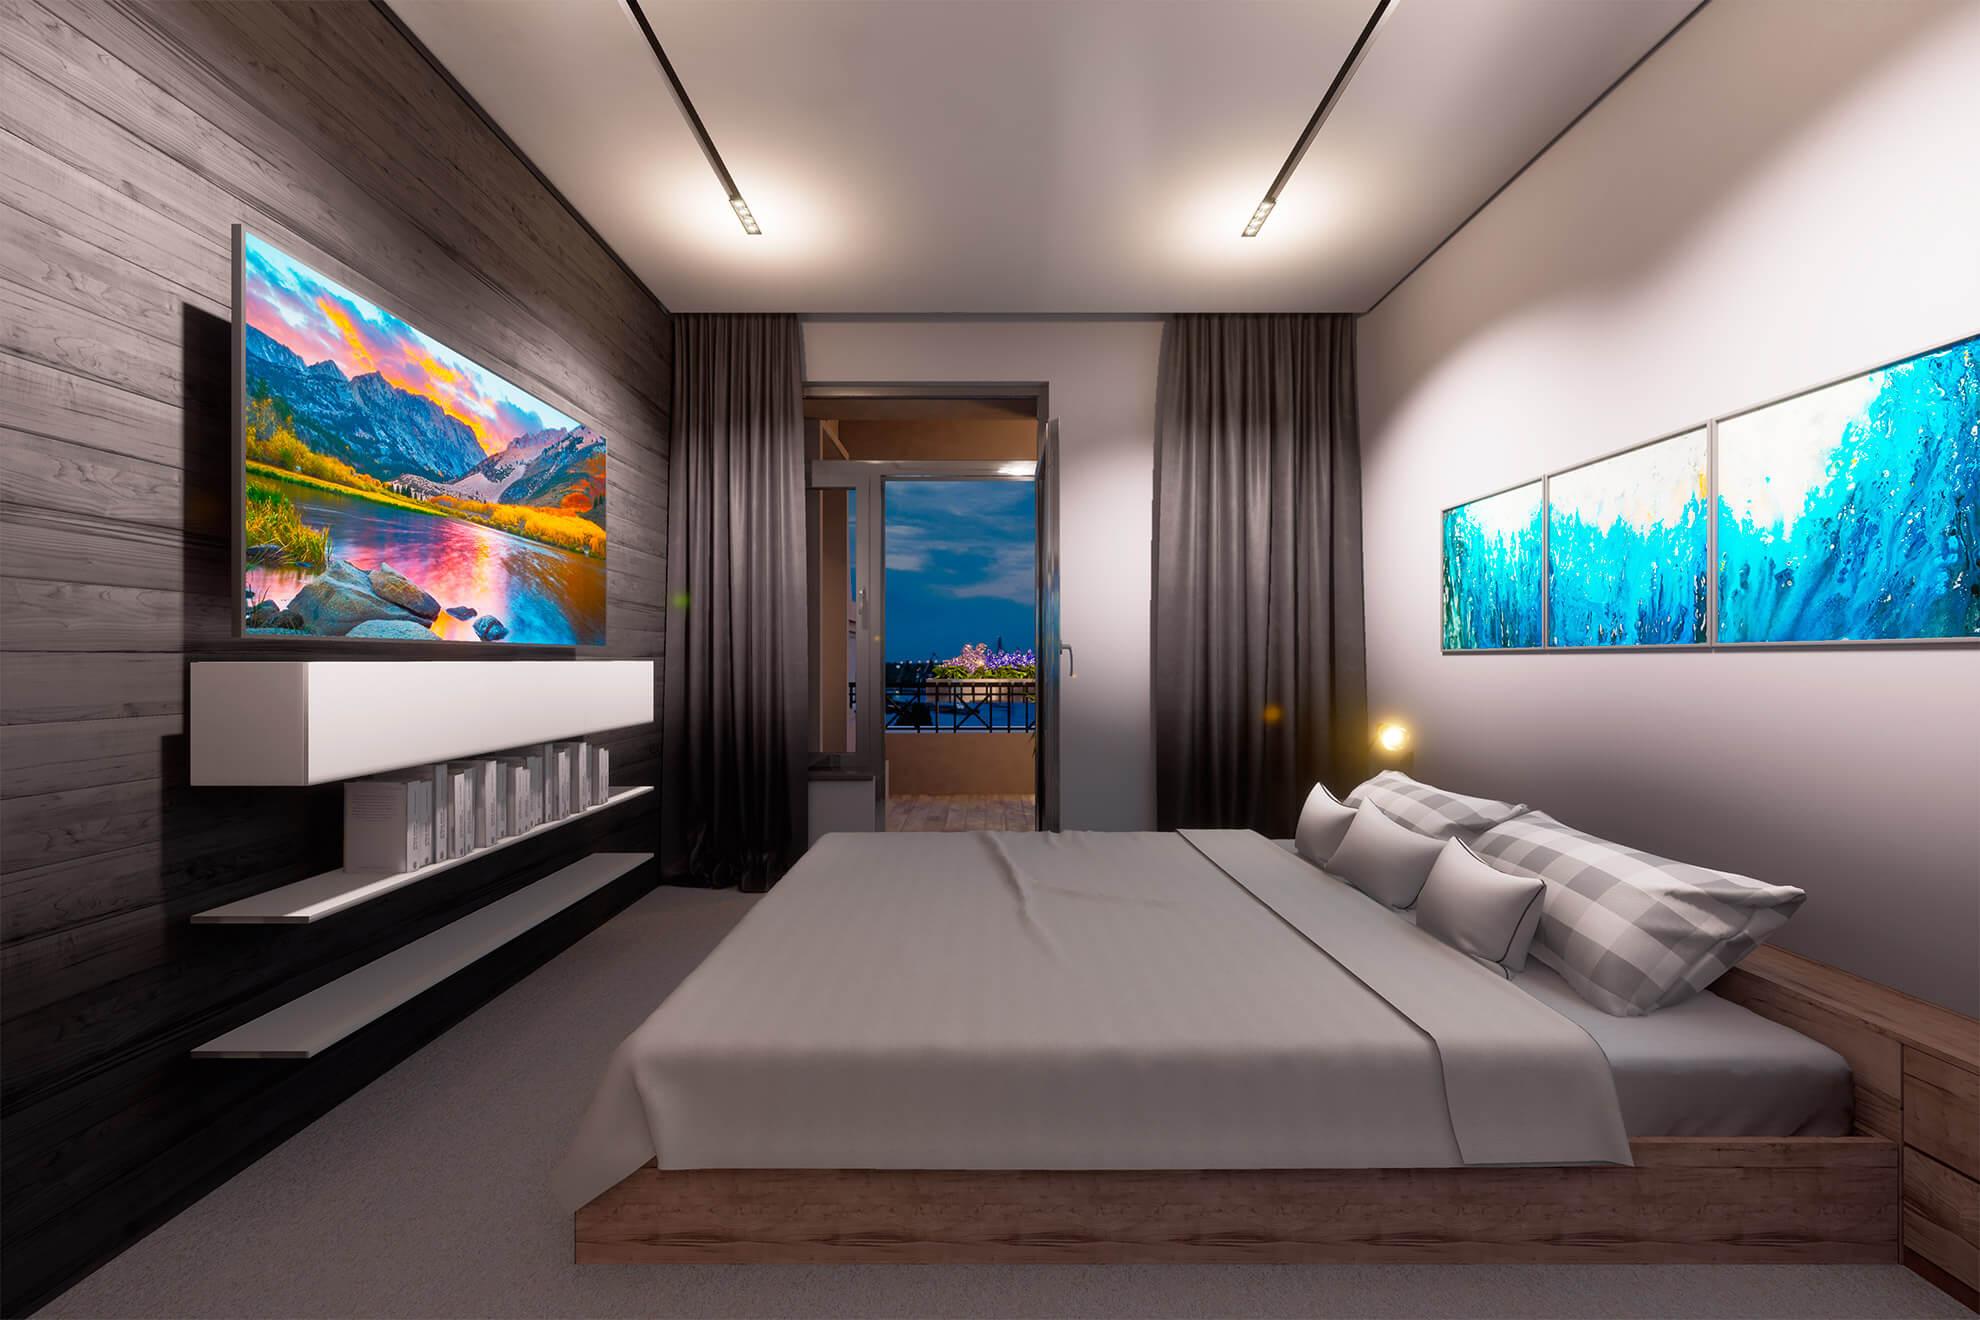 LA MANCHE, архитектурная визуализация, виртуальная реальность